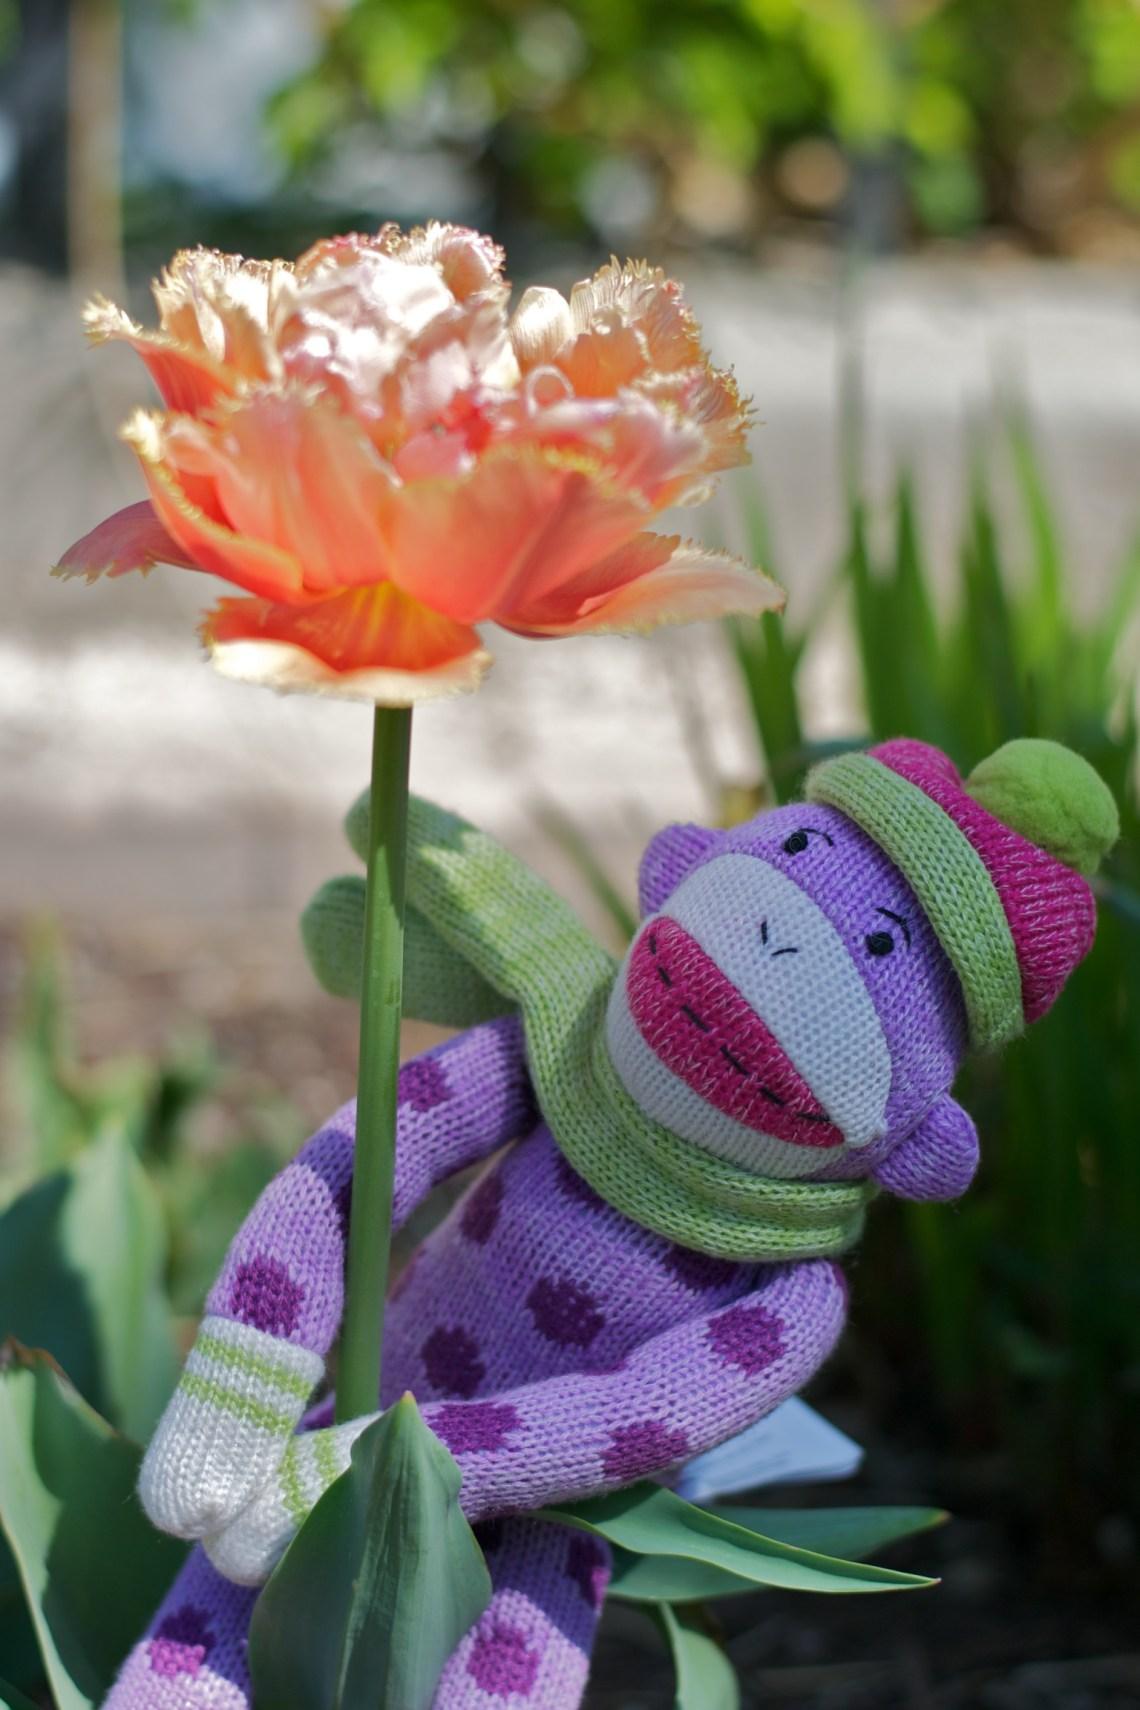 Sock Monkey Hugs a Flower